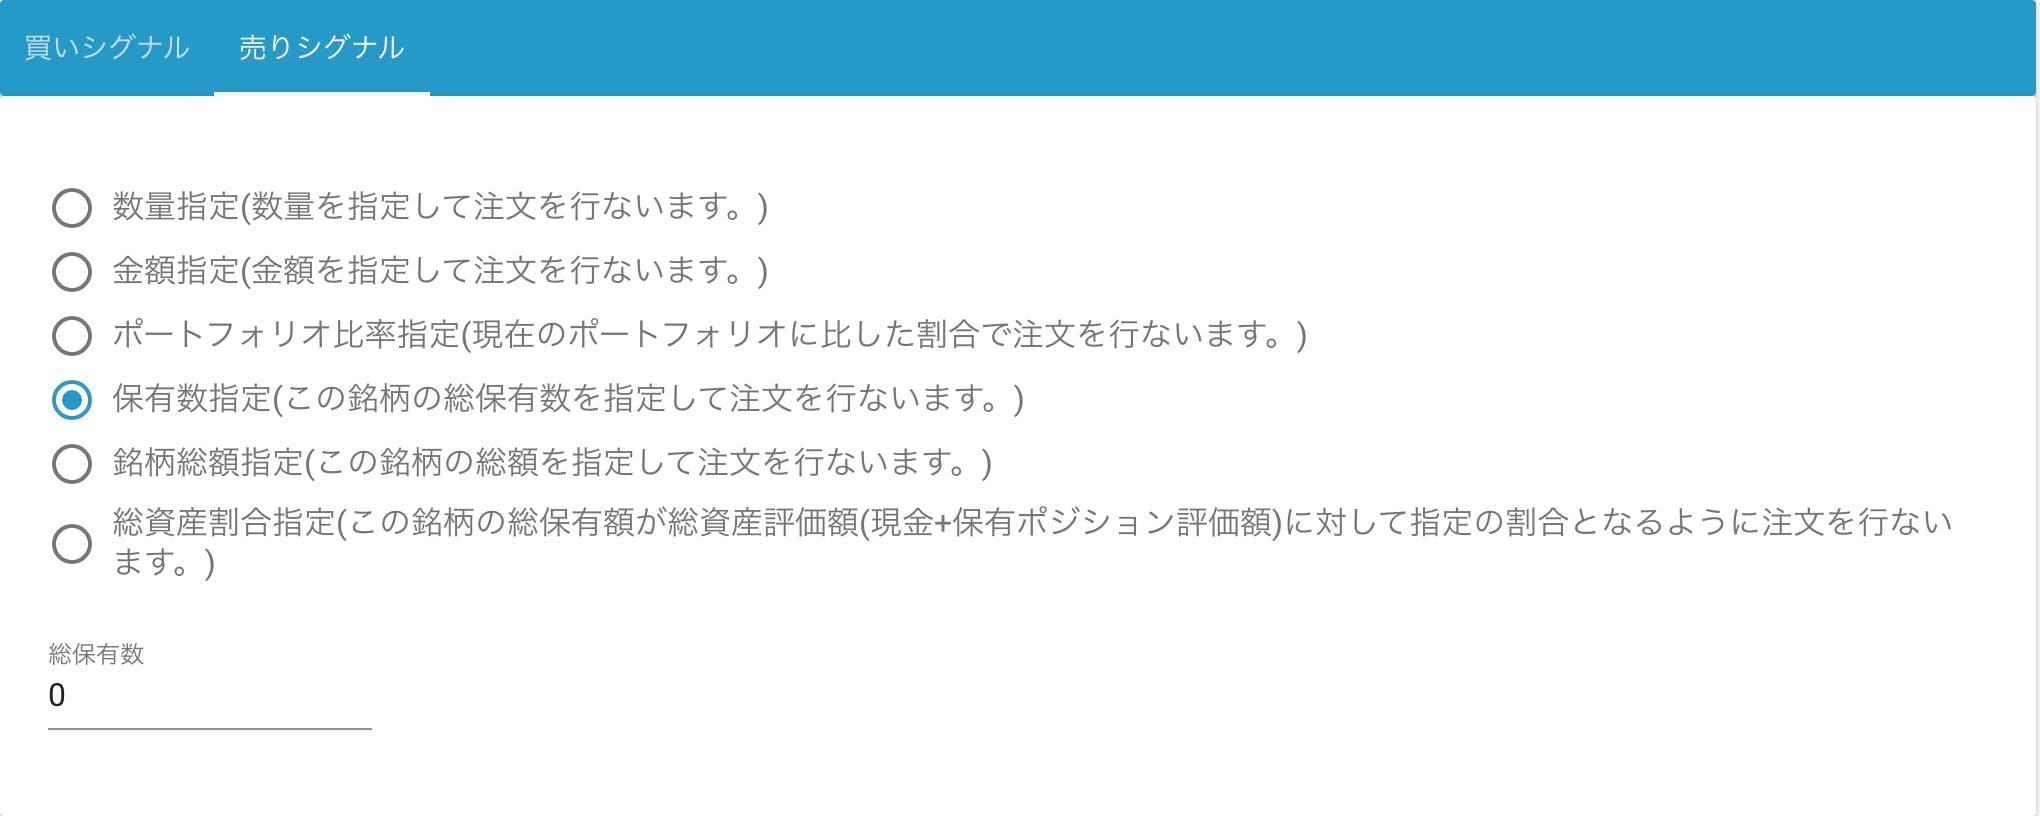 スクリーンショット 2019-09-18 21.17.22.png